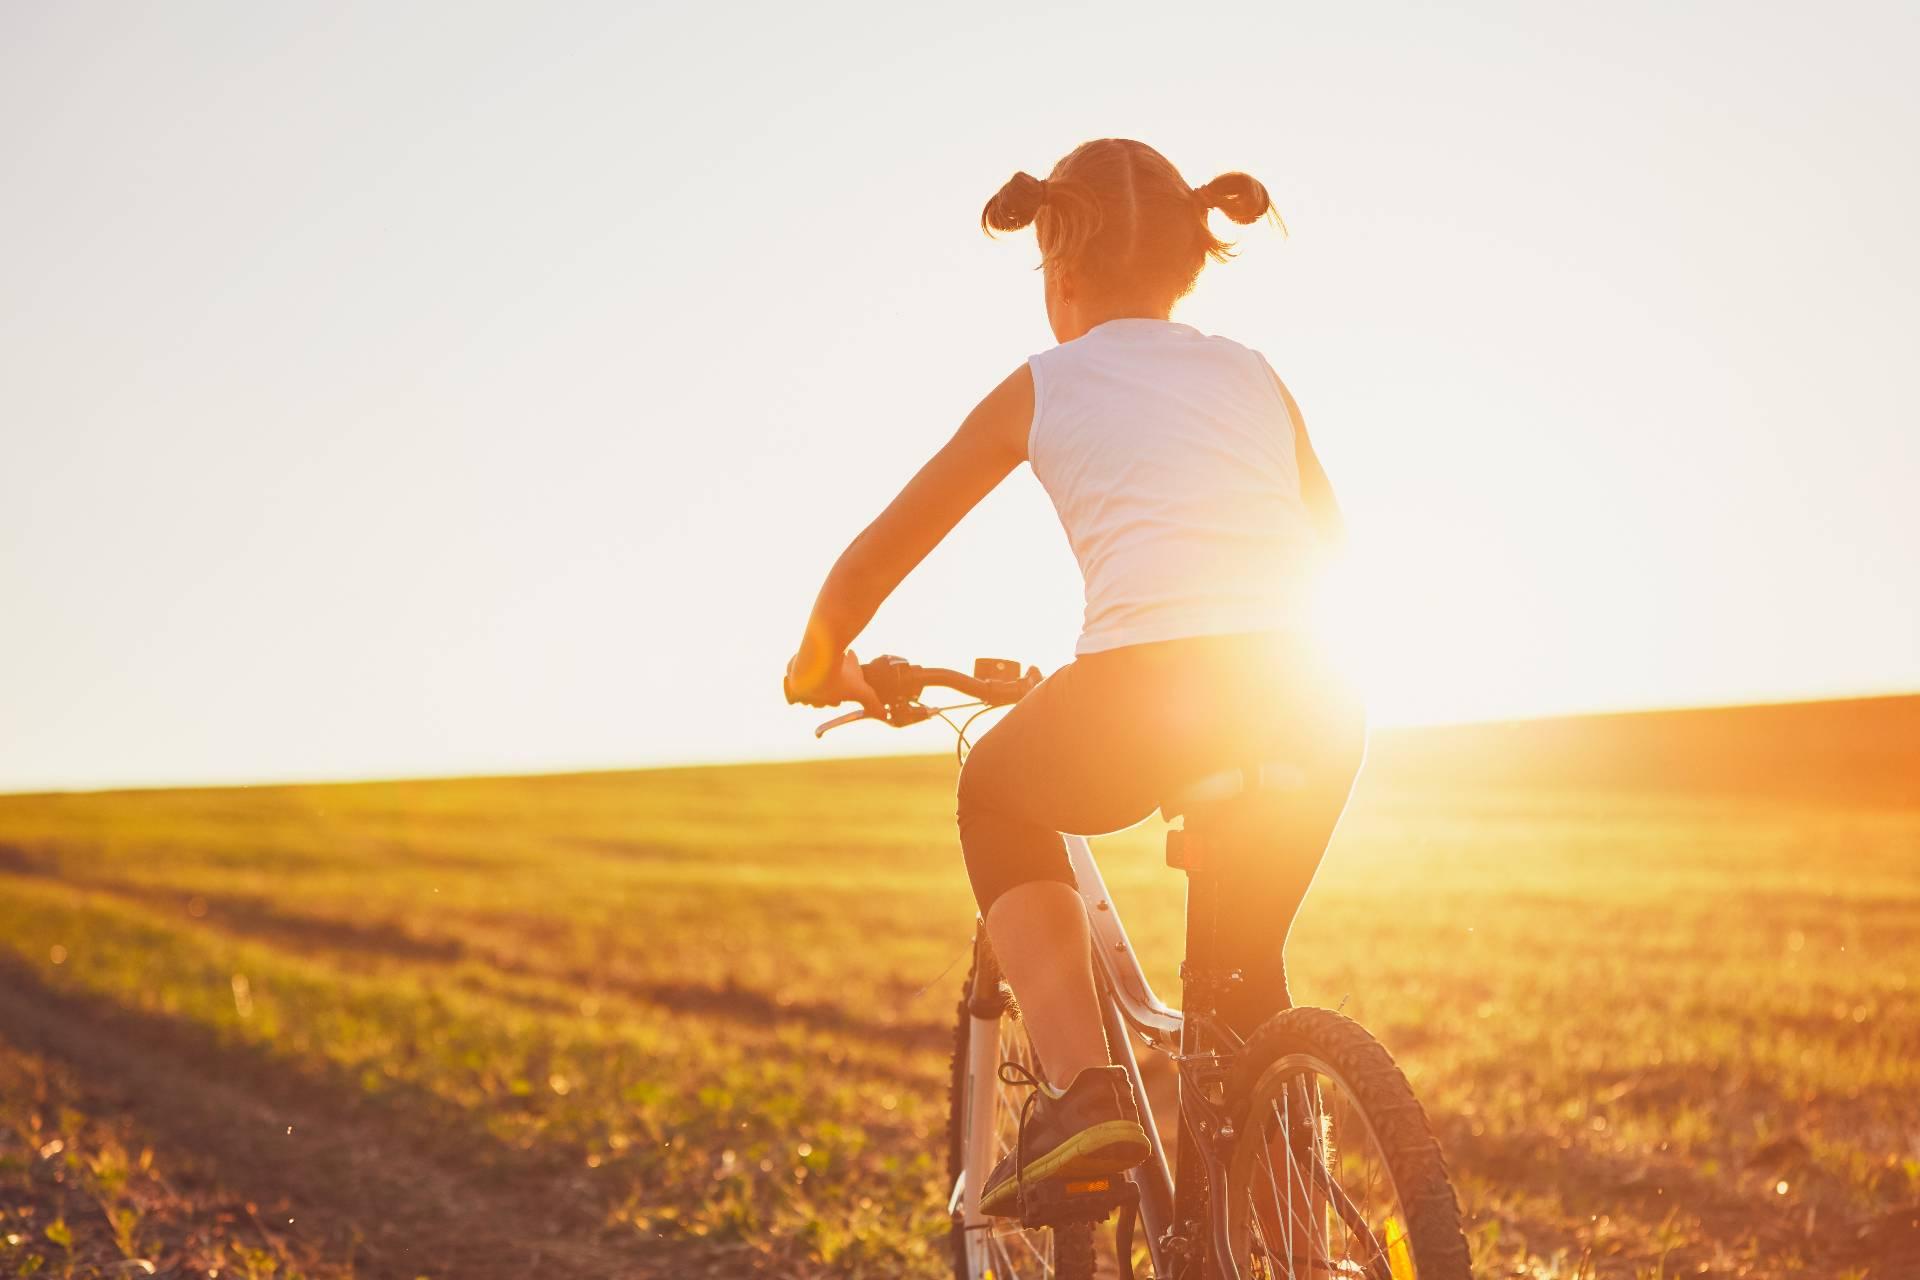 Cómo llevar niños en Bicicleta - Viajar en bicicleta - Llevar niños bicicleta